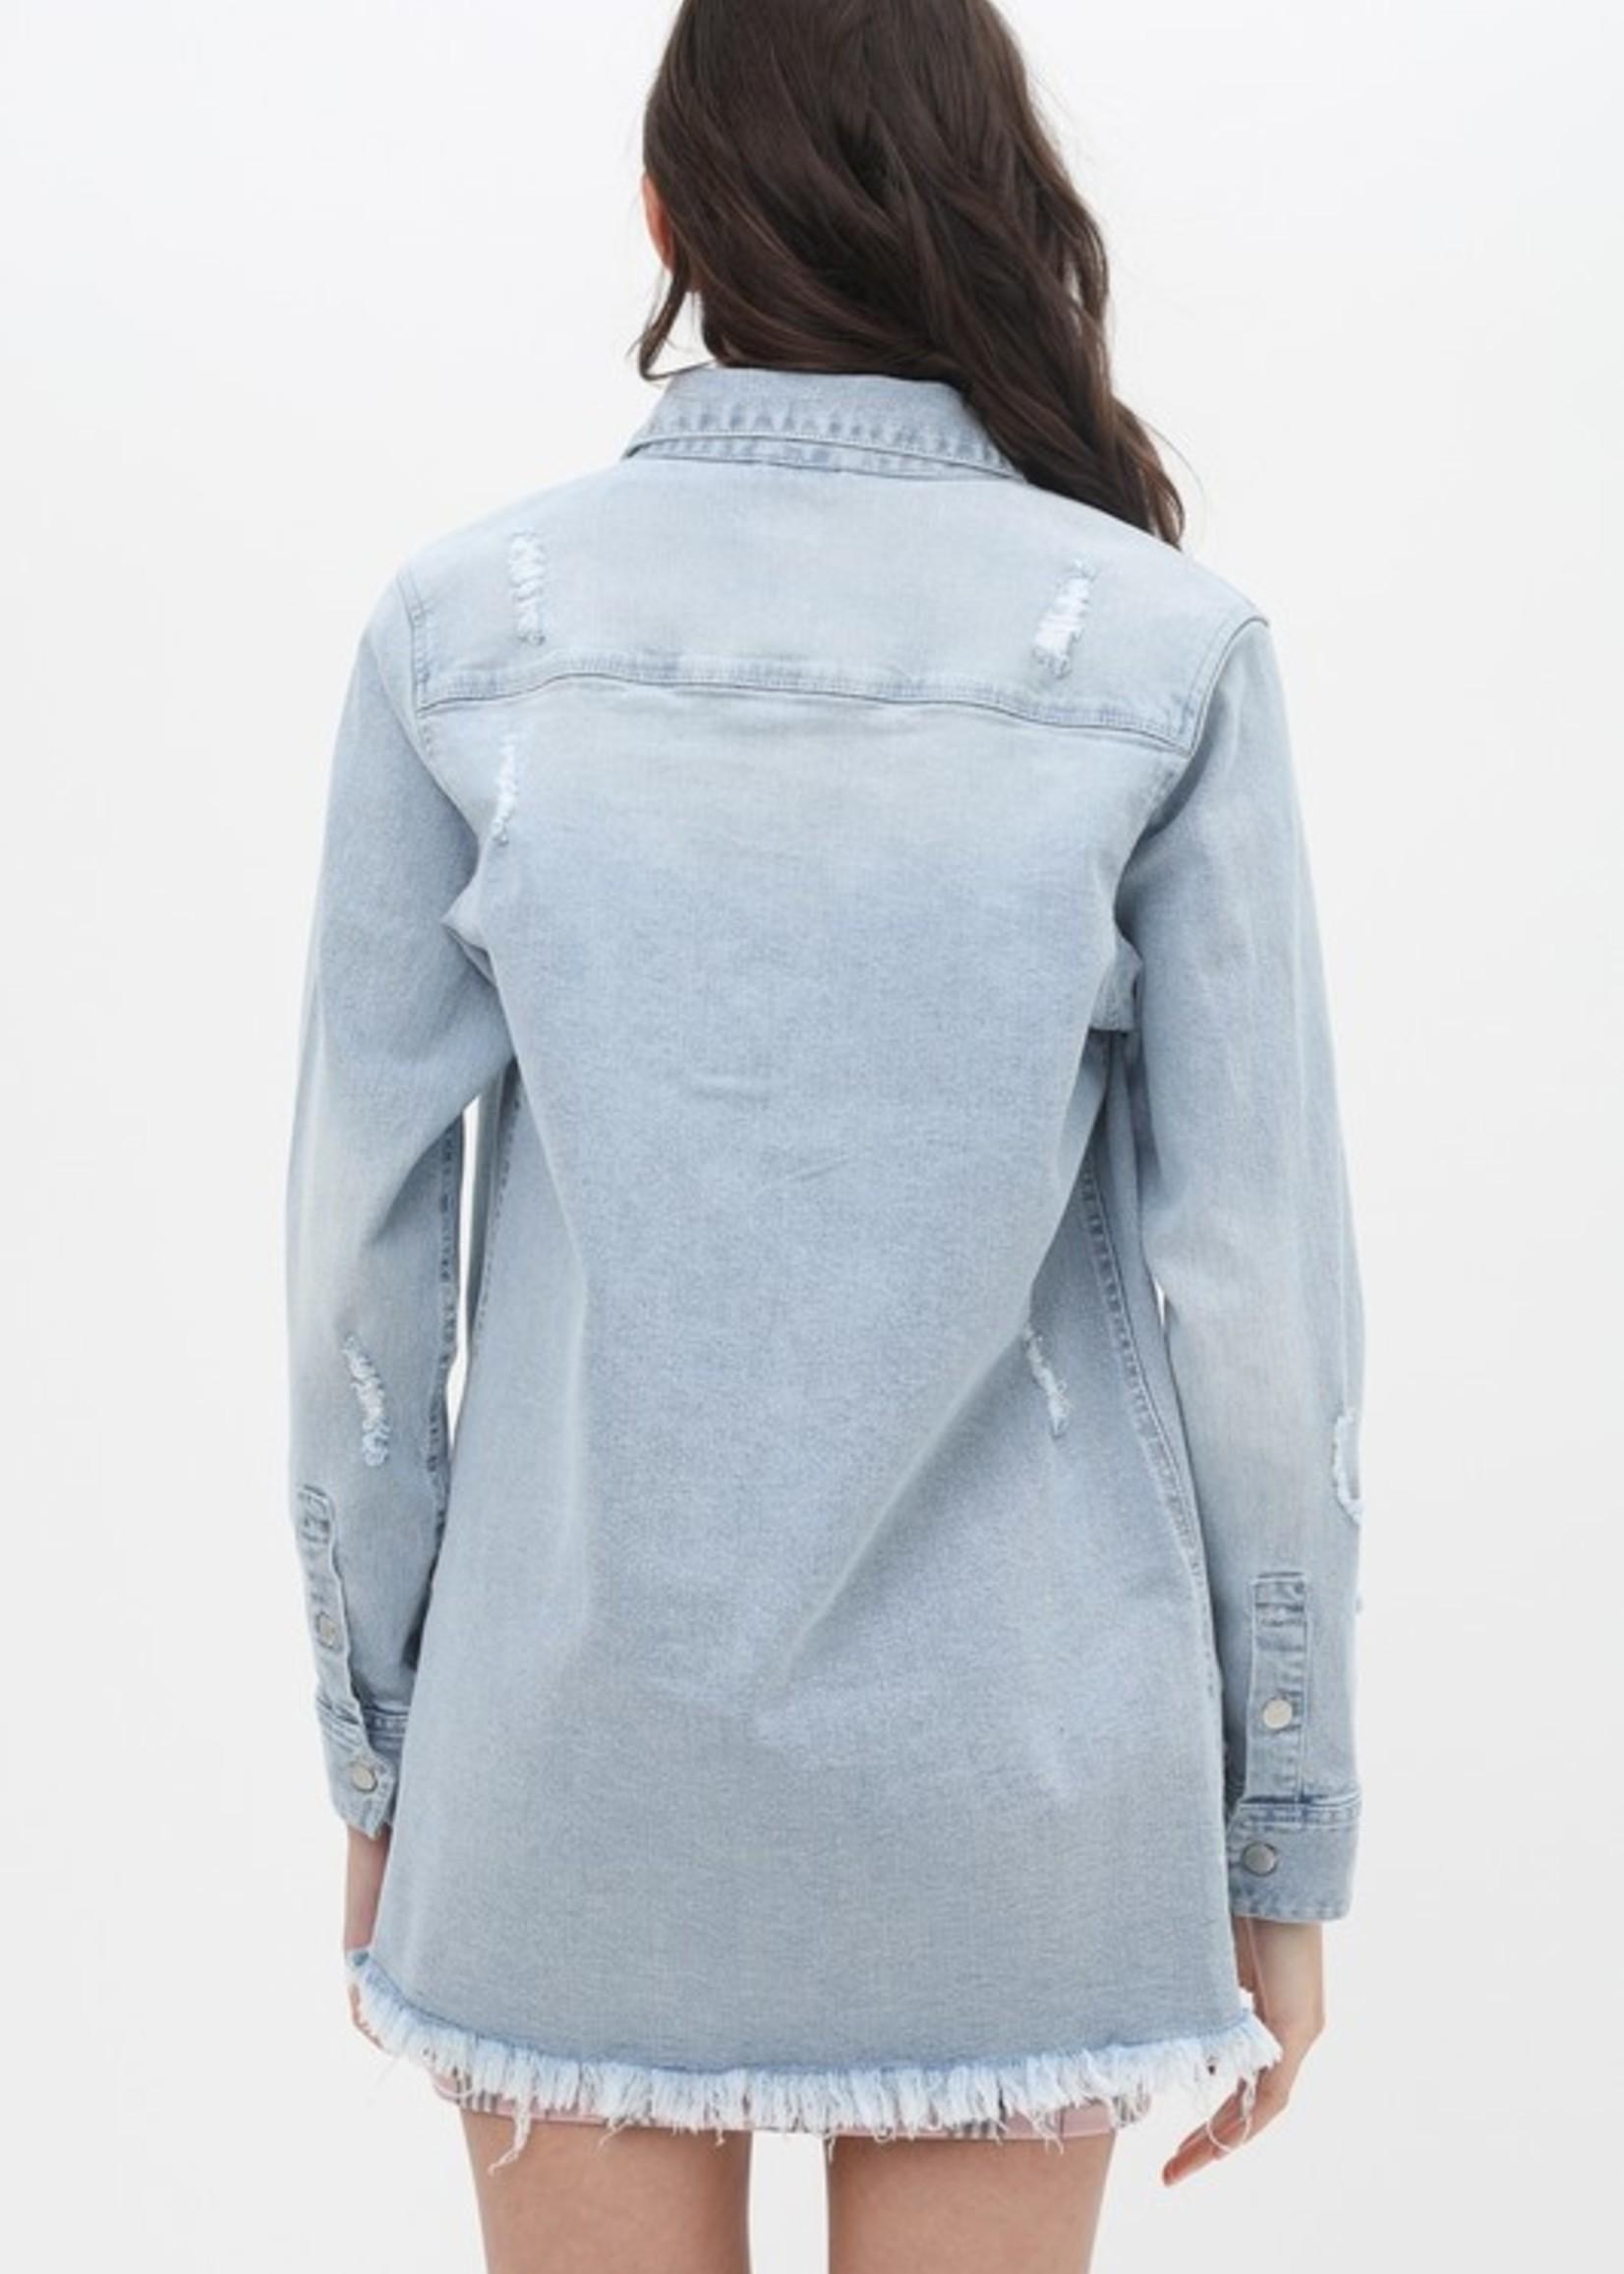 Button Up Shirt Jacket - Light Blue